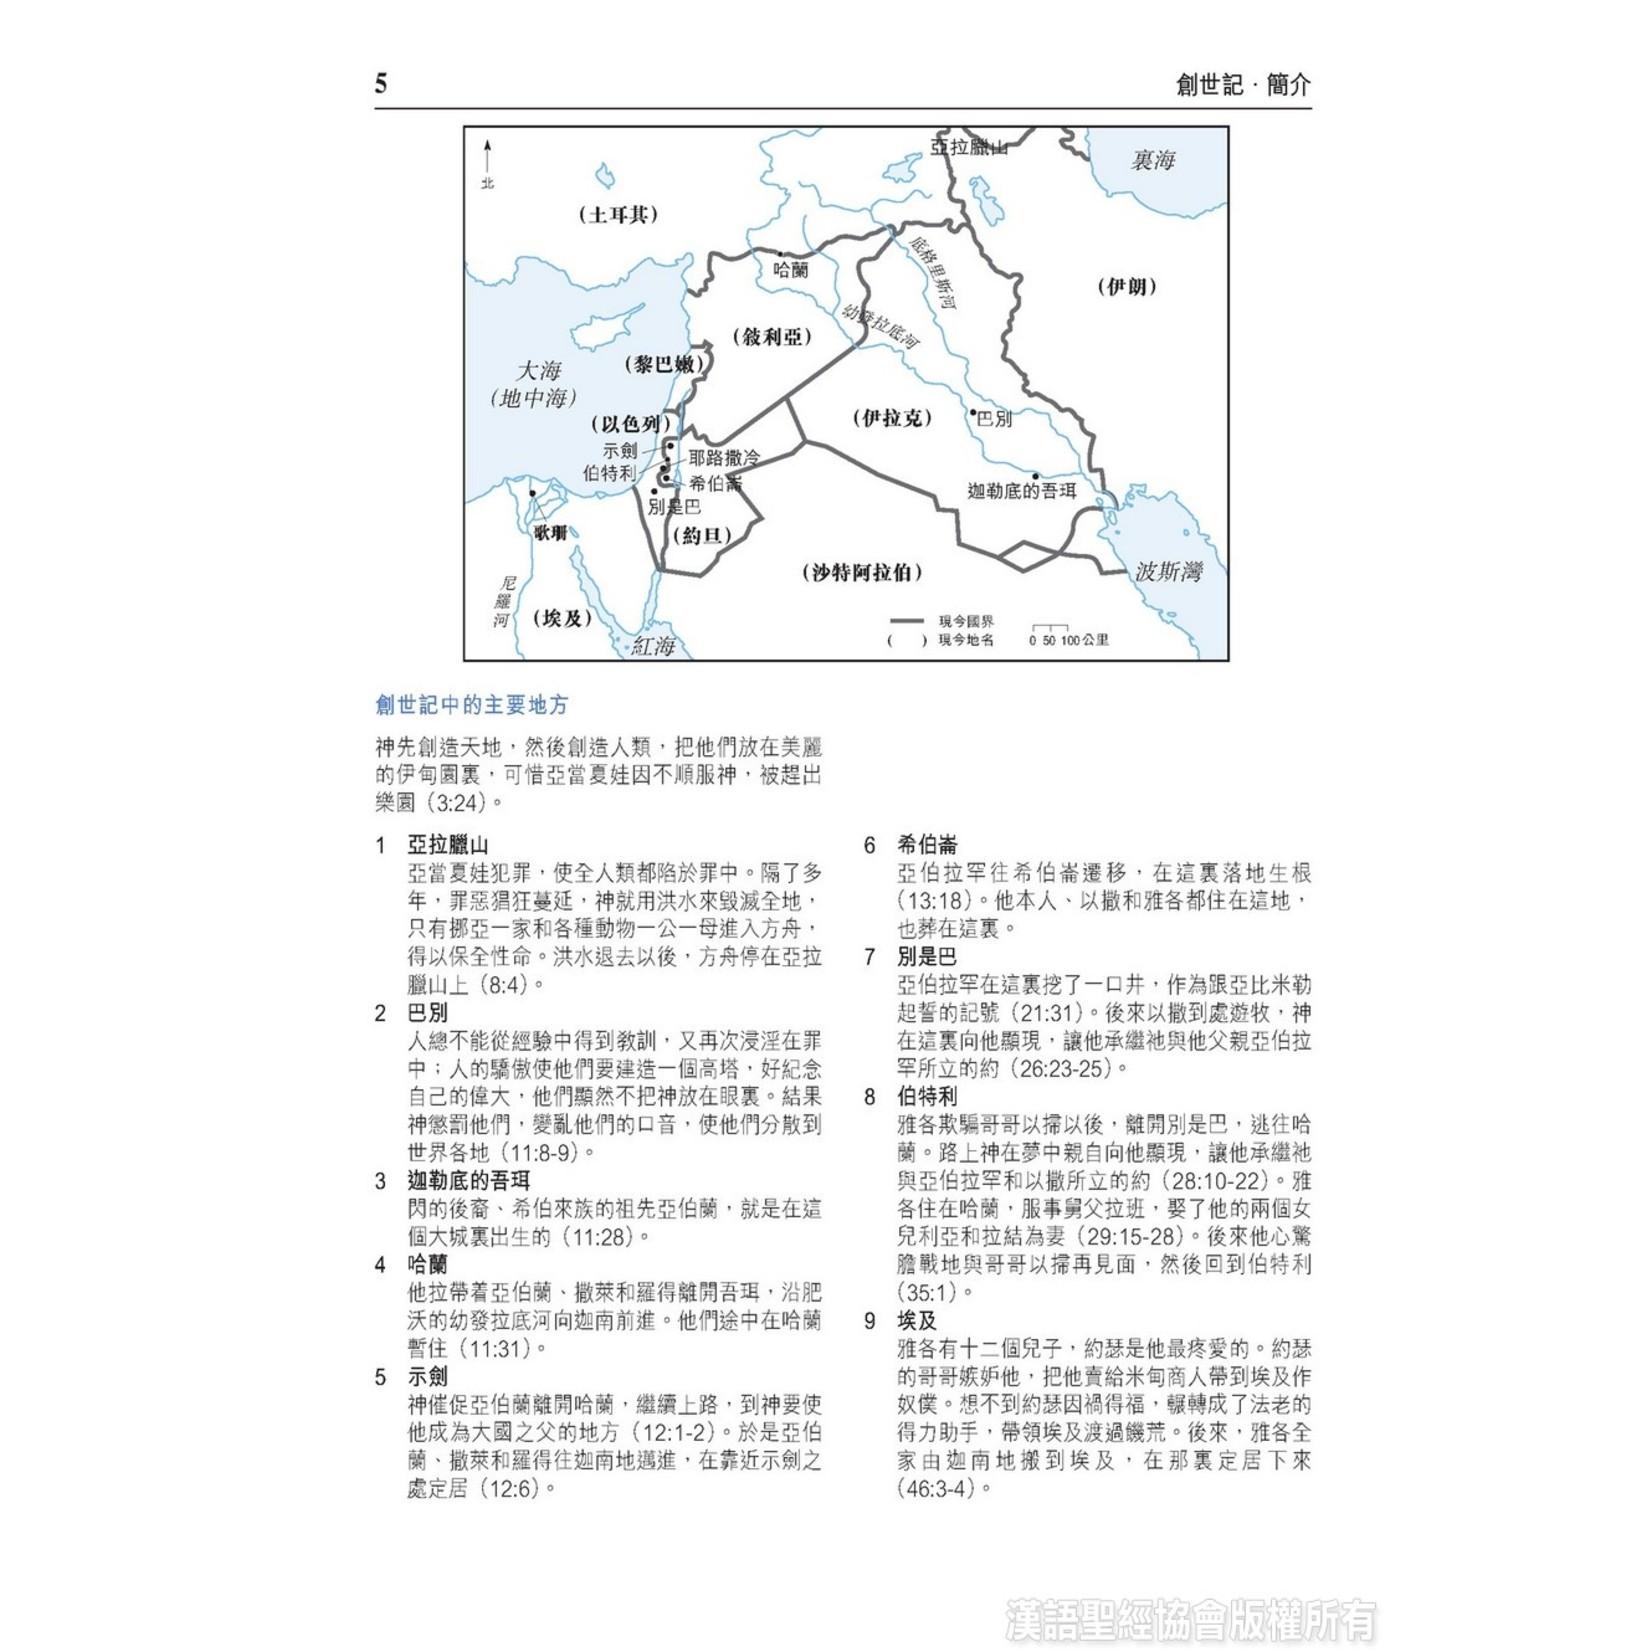 漢語聖經協會 Chinese Bible International 聖經.和合本.靈修版.袖珍本.藍色仿皮面.銀邊.拉鏈(繁體)